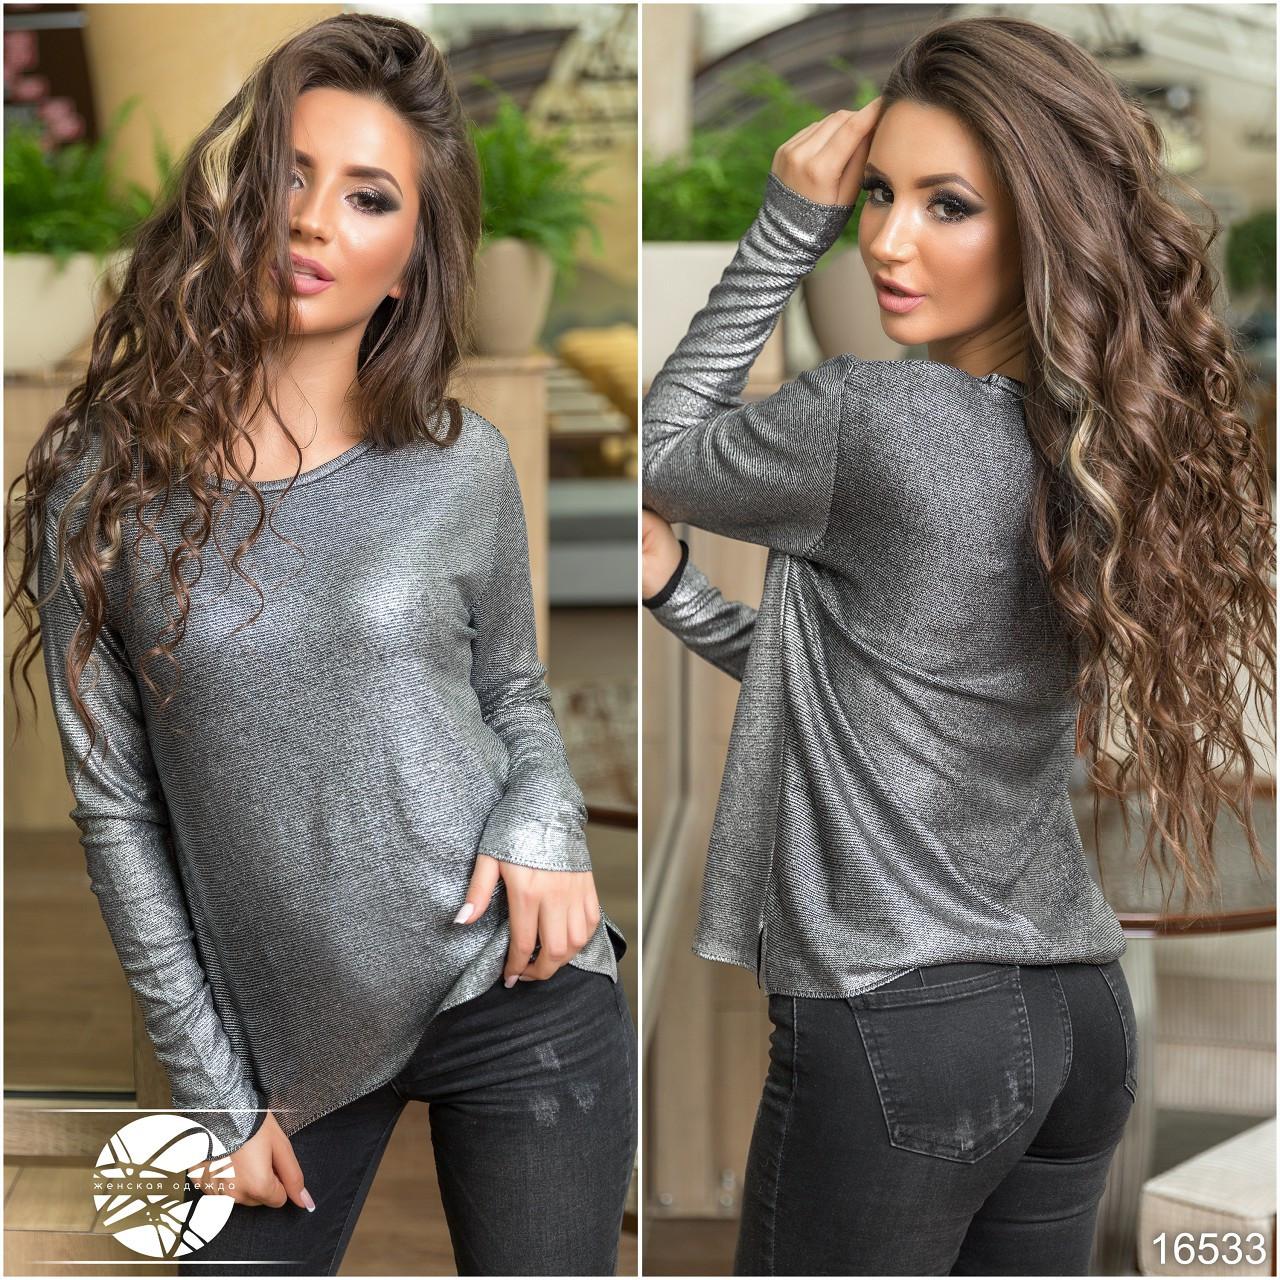 9566485e7c55 Купить Женская кофточка серебристого цвета с длинным рукавом. Модель ...